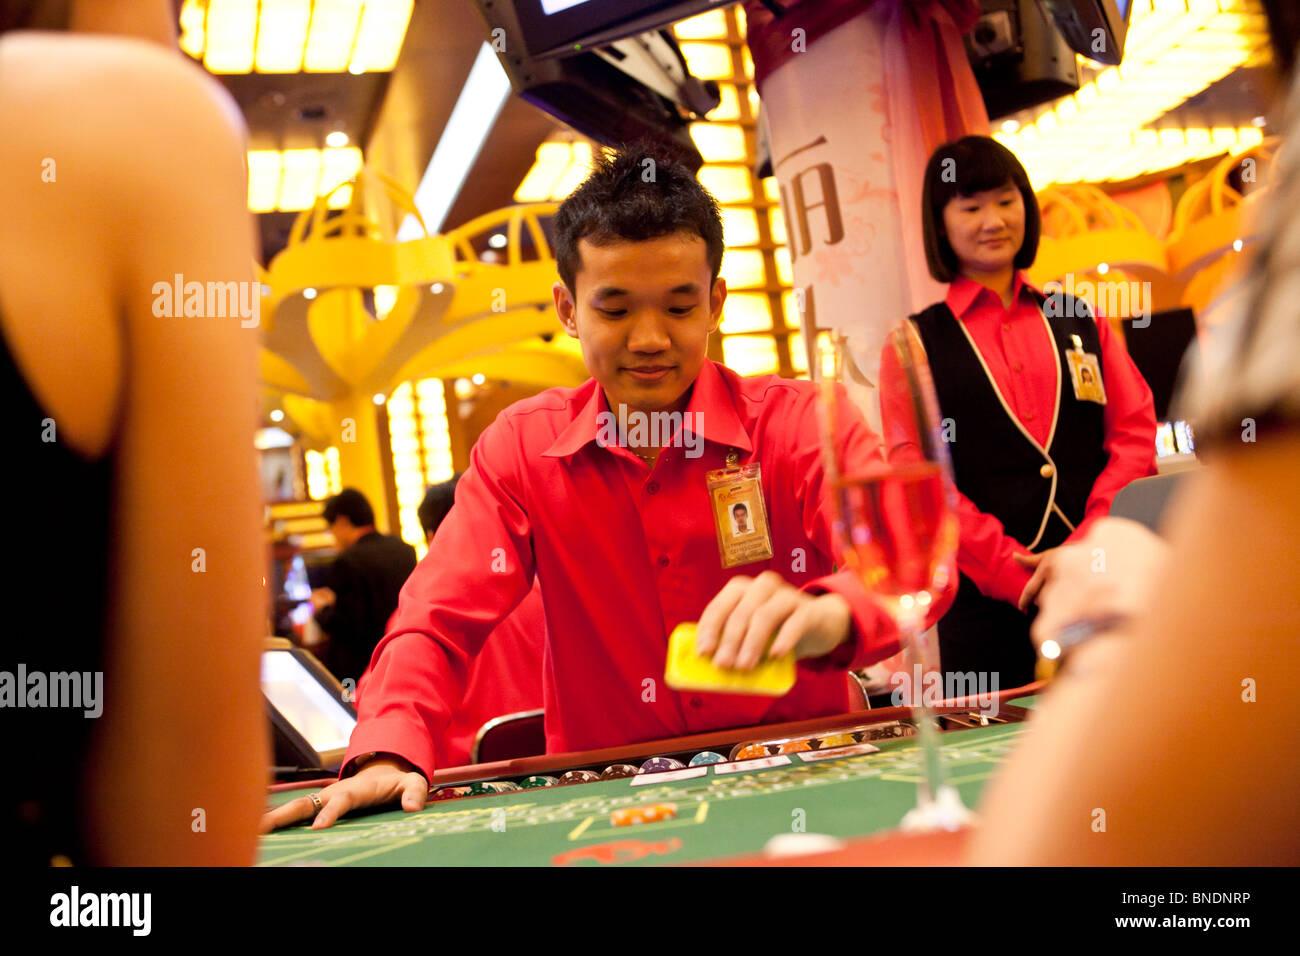 Un Crupier Ofertas Como Modelos Jugar Tres Imagenes En Una Tabla En El Ladies Club En El Casino De Resorts World Sentosa En Singapur